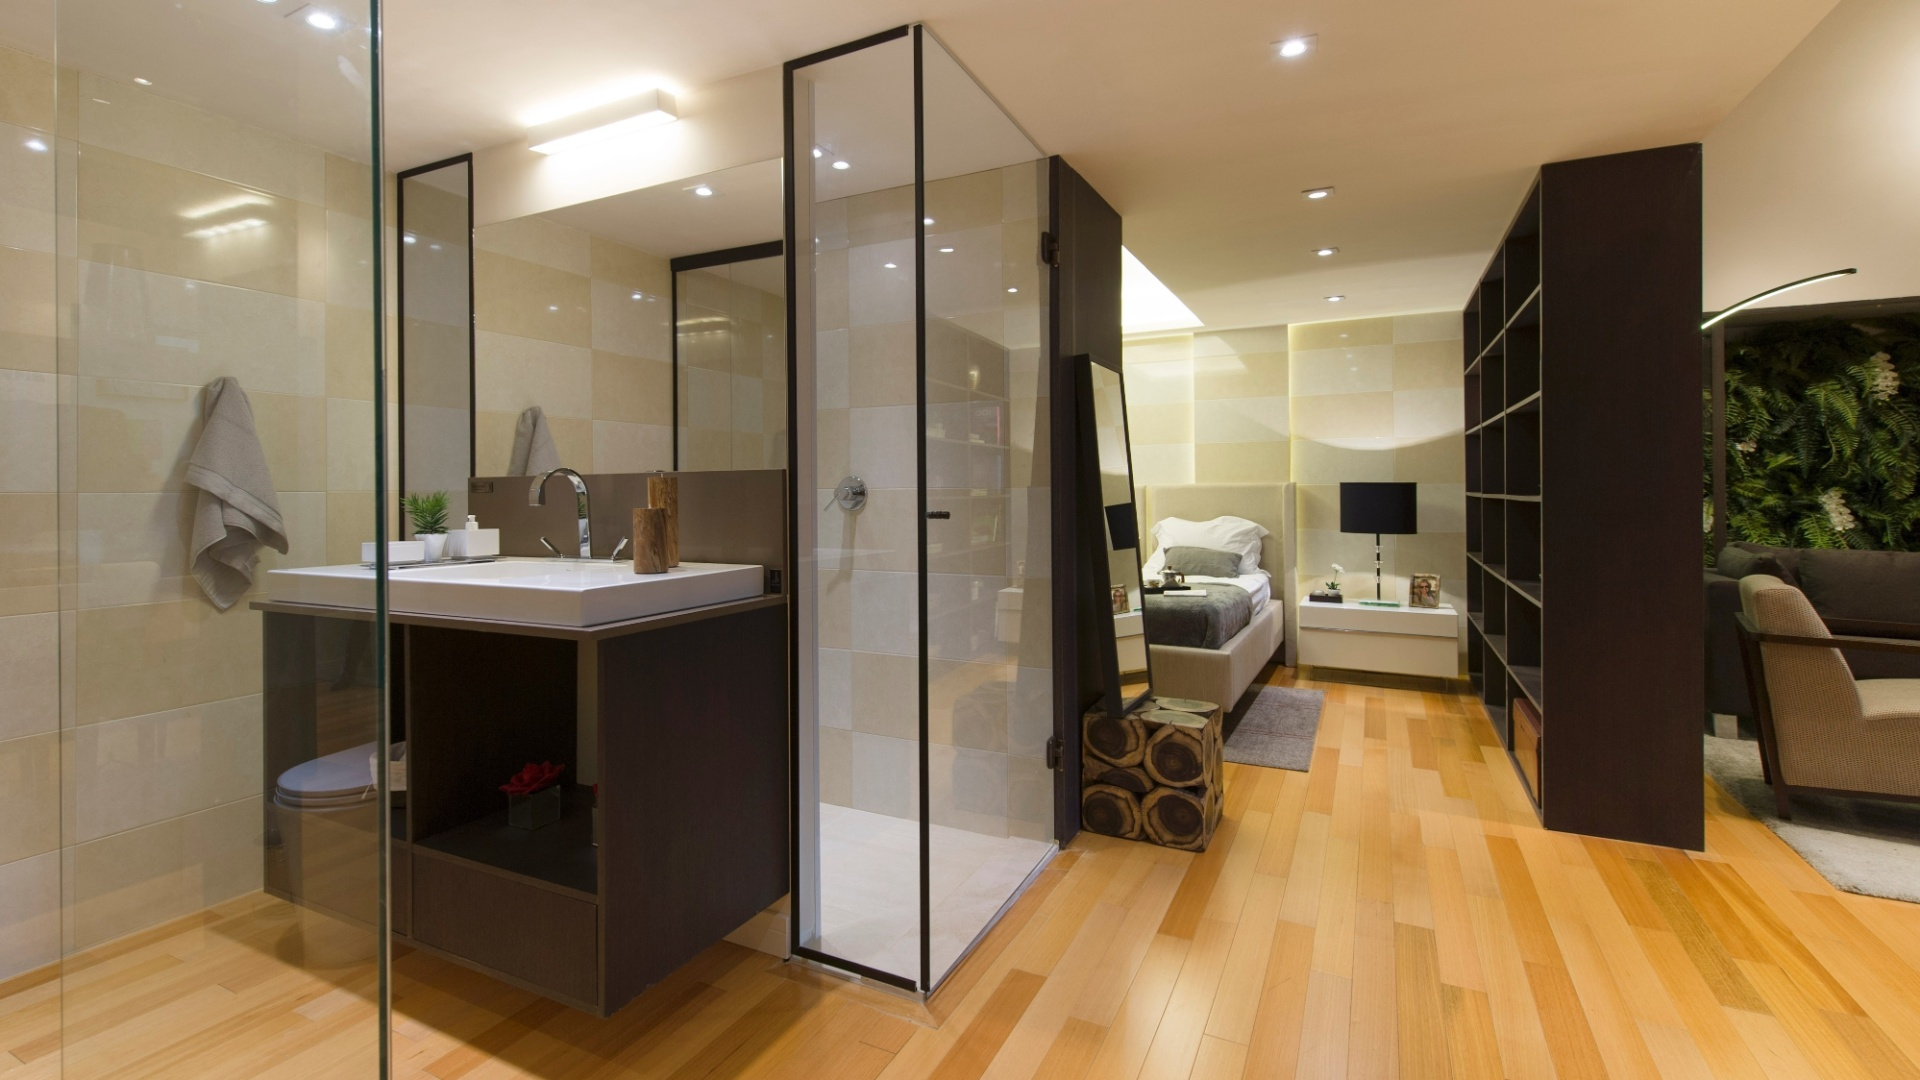 Quarto com banheiro integrado sofisticado ou ousado demais? Lopes  #B47617 1920 1080